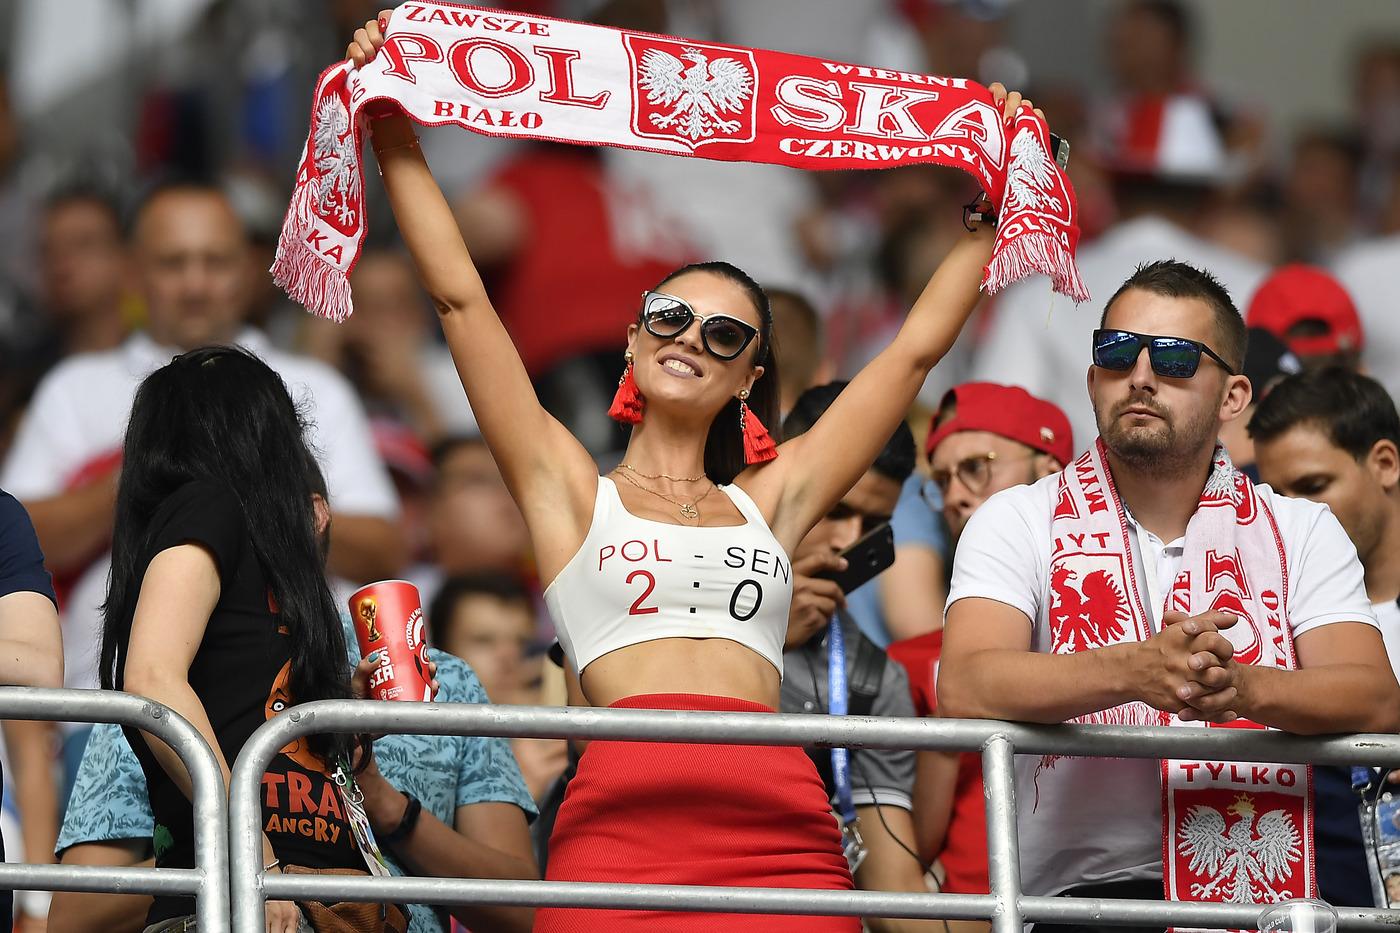 Ekstraklasa Polonia 21 luglio